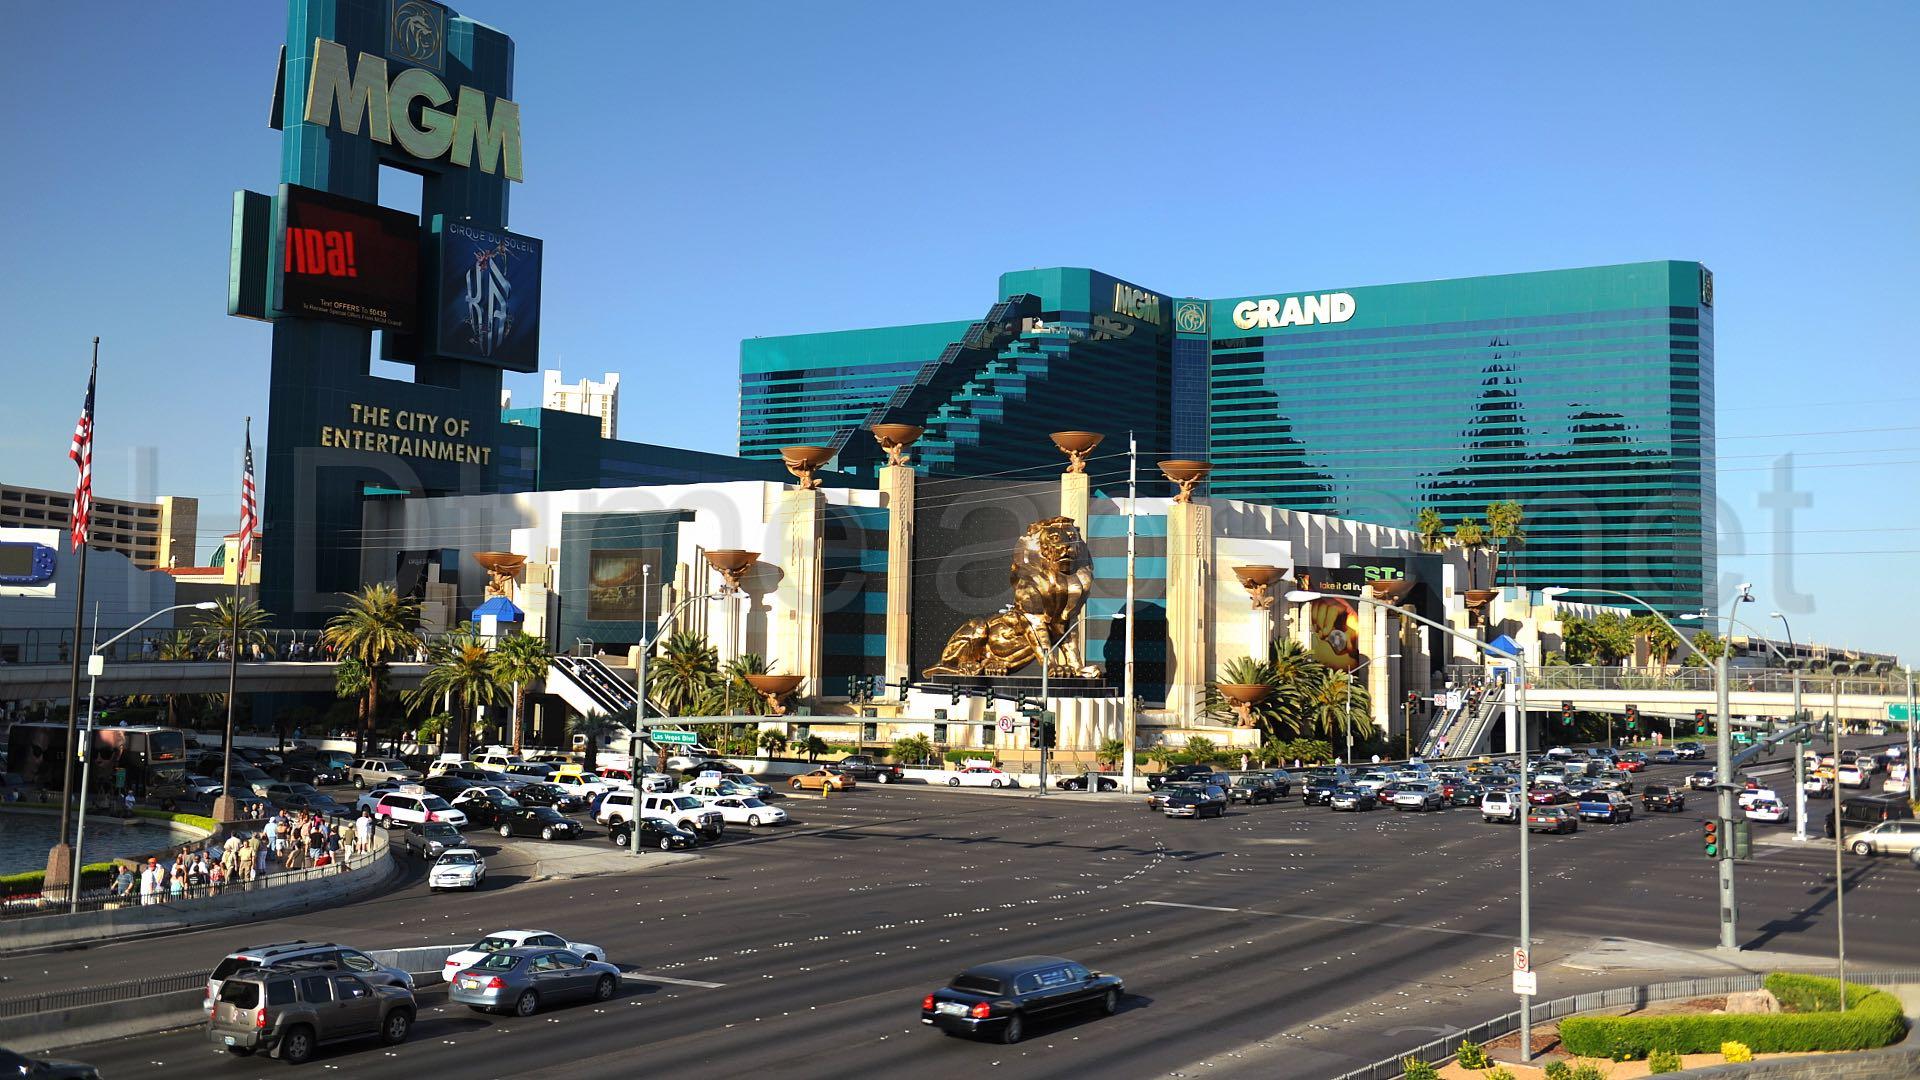 mgm online casino bonus code